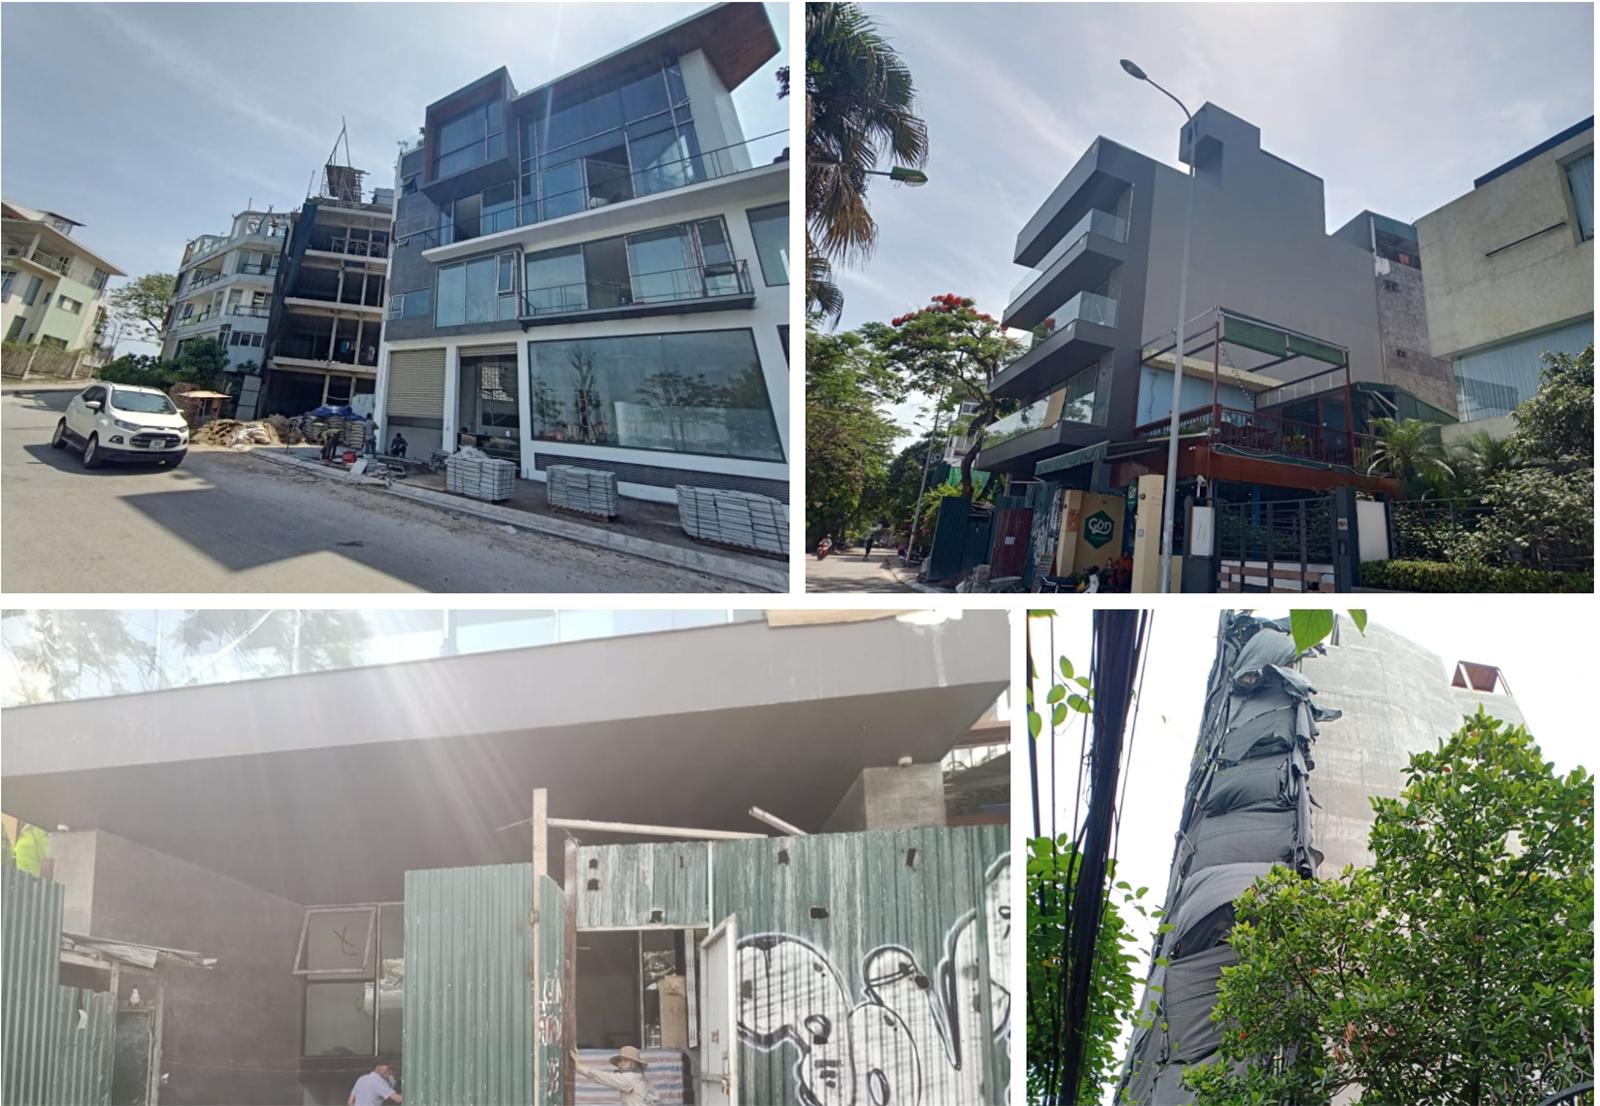 Hà Nội: Lãnh đạo UBND phường Quảng An cho rằng sai phạm xây dựng do lịch sử